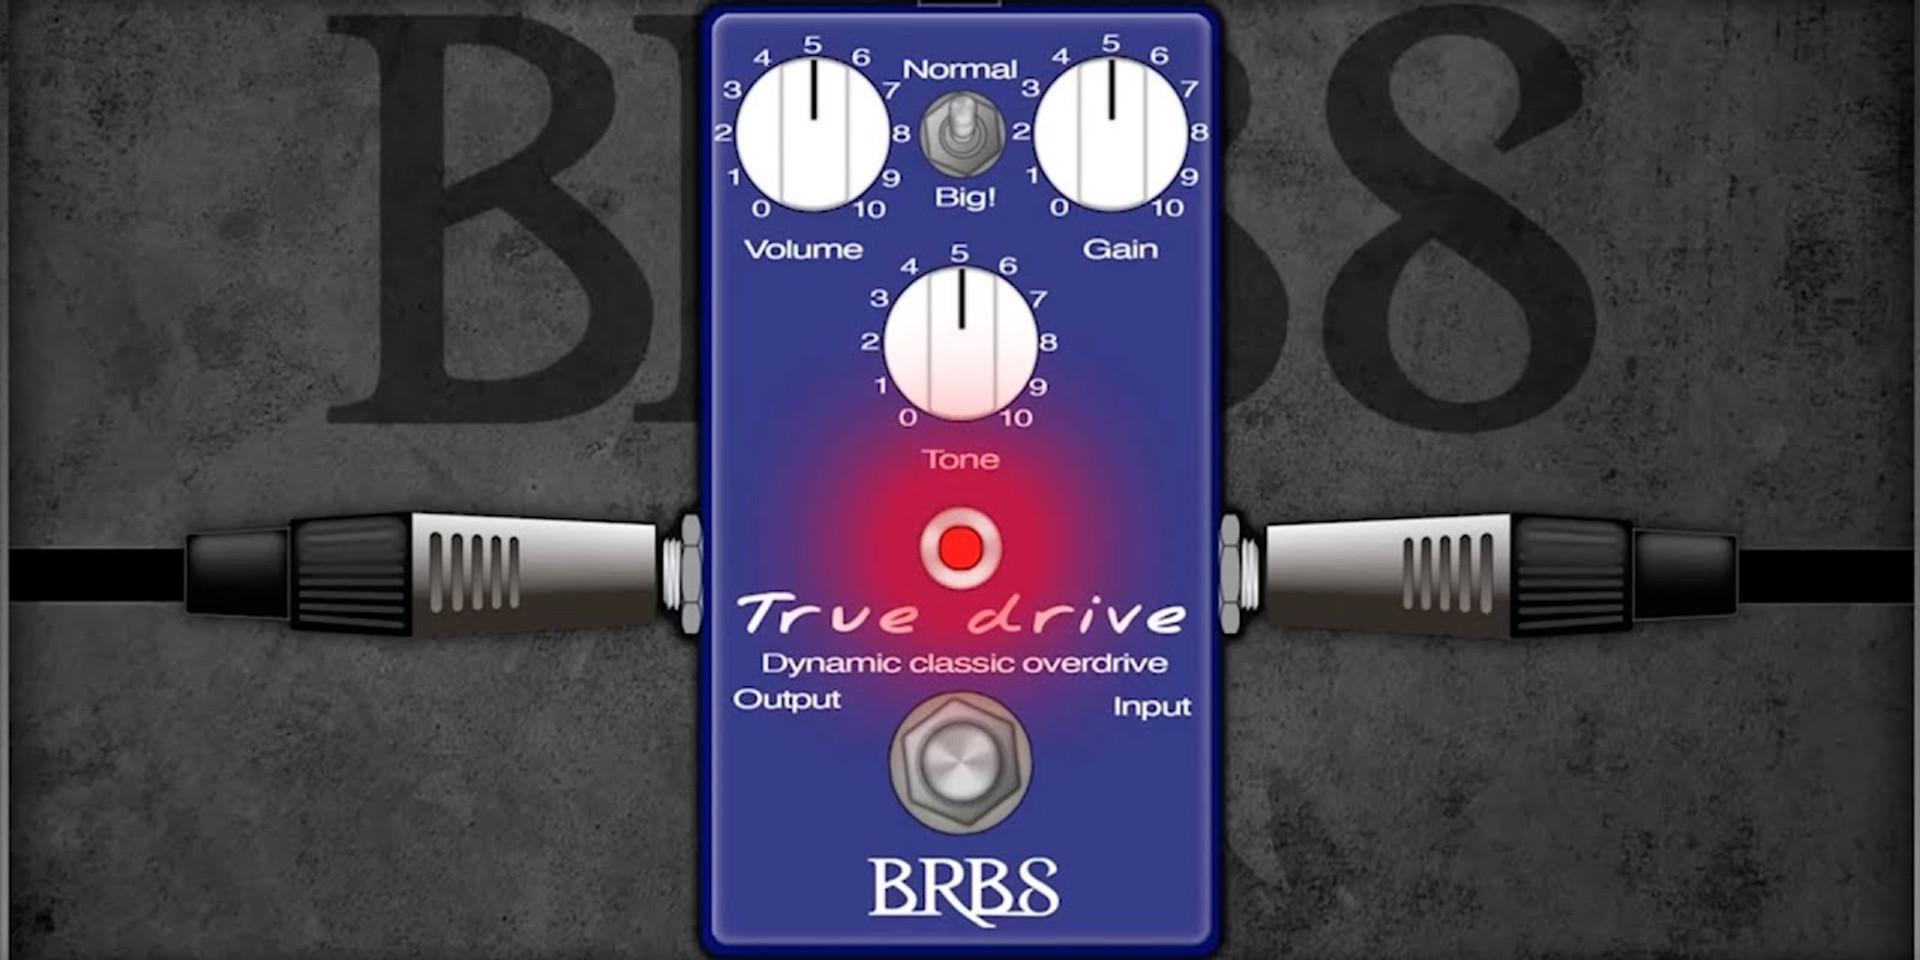 BRBS True Drive